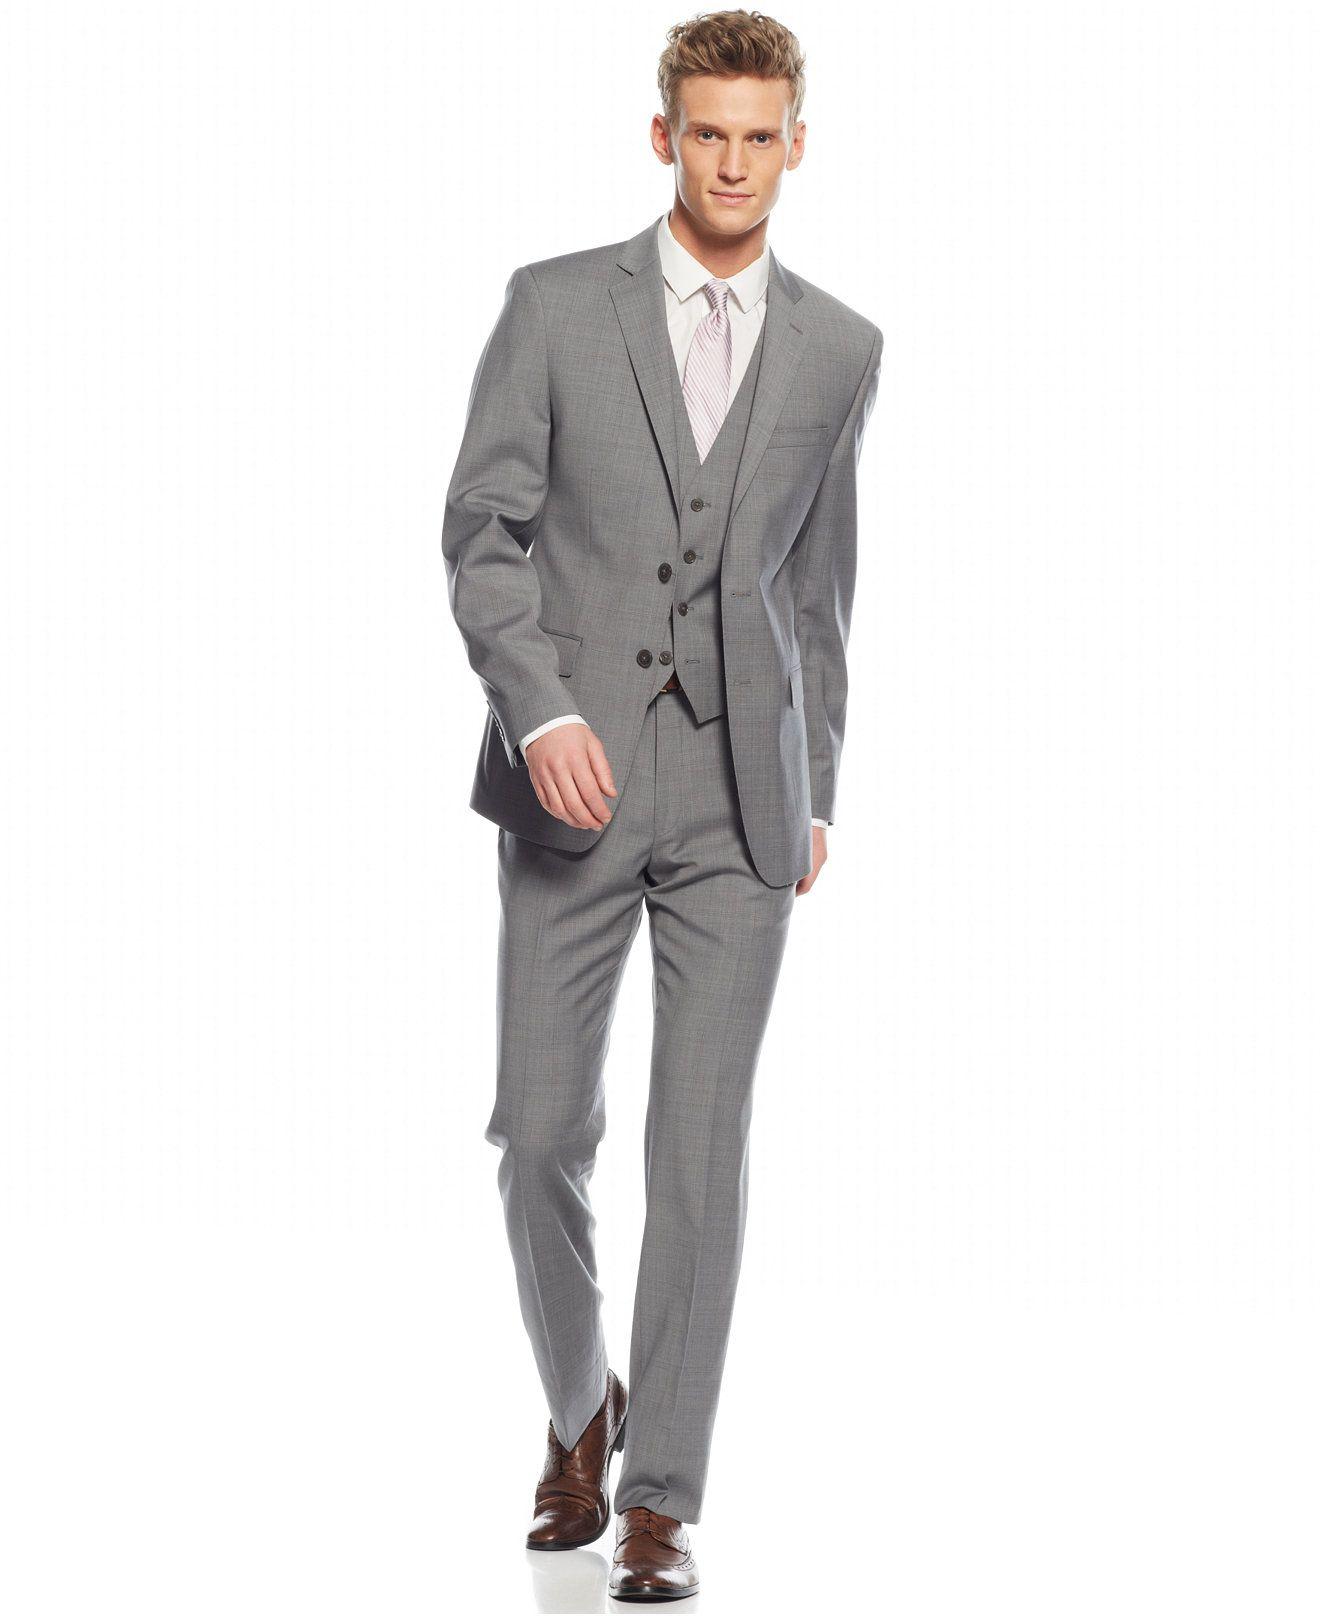 Calvin Klein Grey Plaid Vested Slim-Fit Suit - Suits & Suit ...